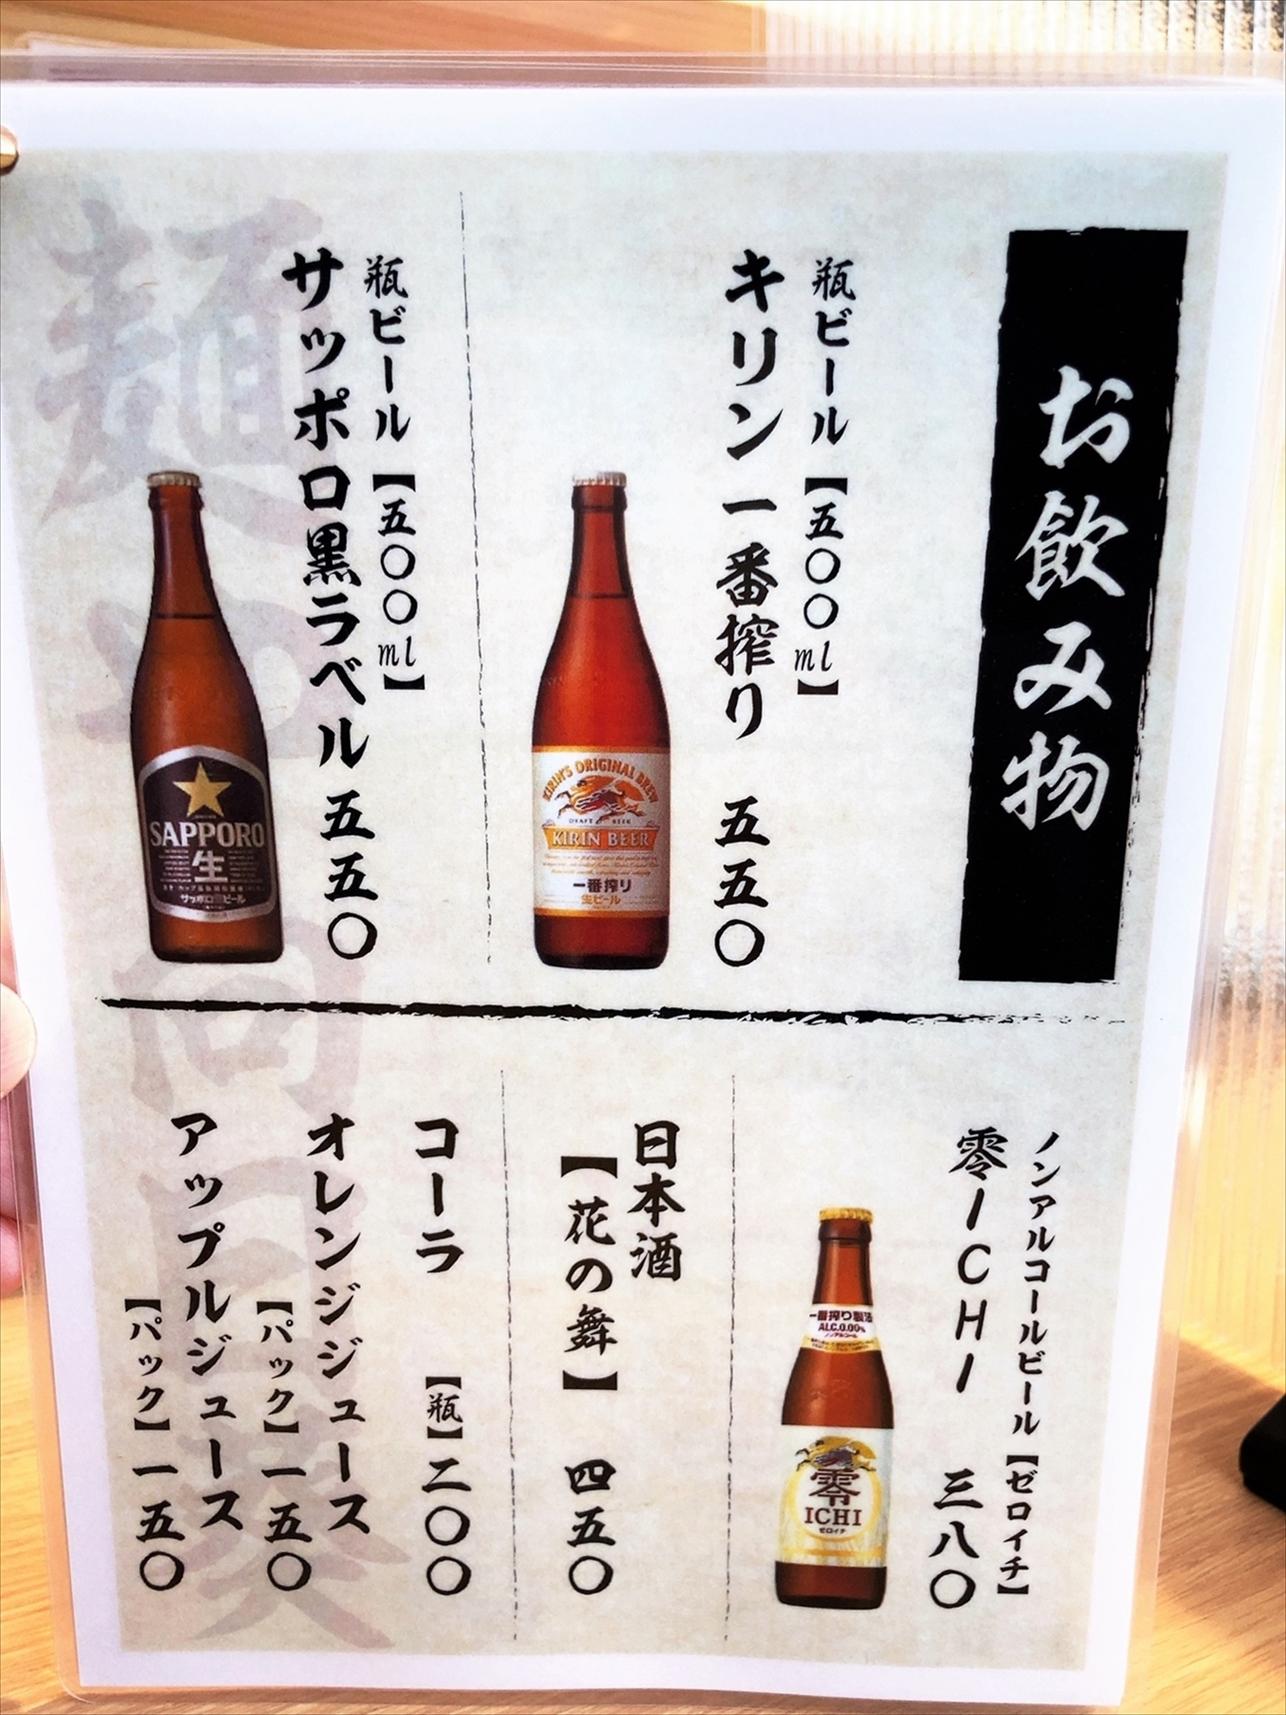 京都 麺や 向日葵のメニュー8